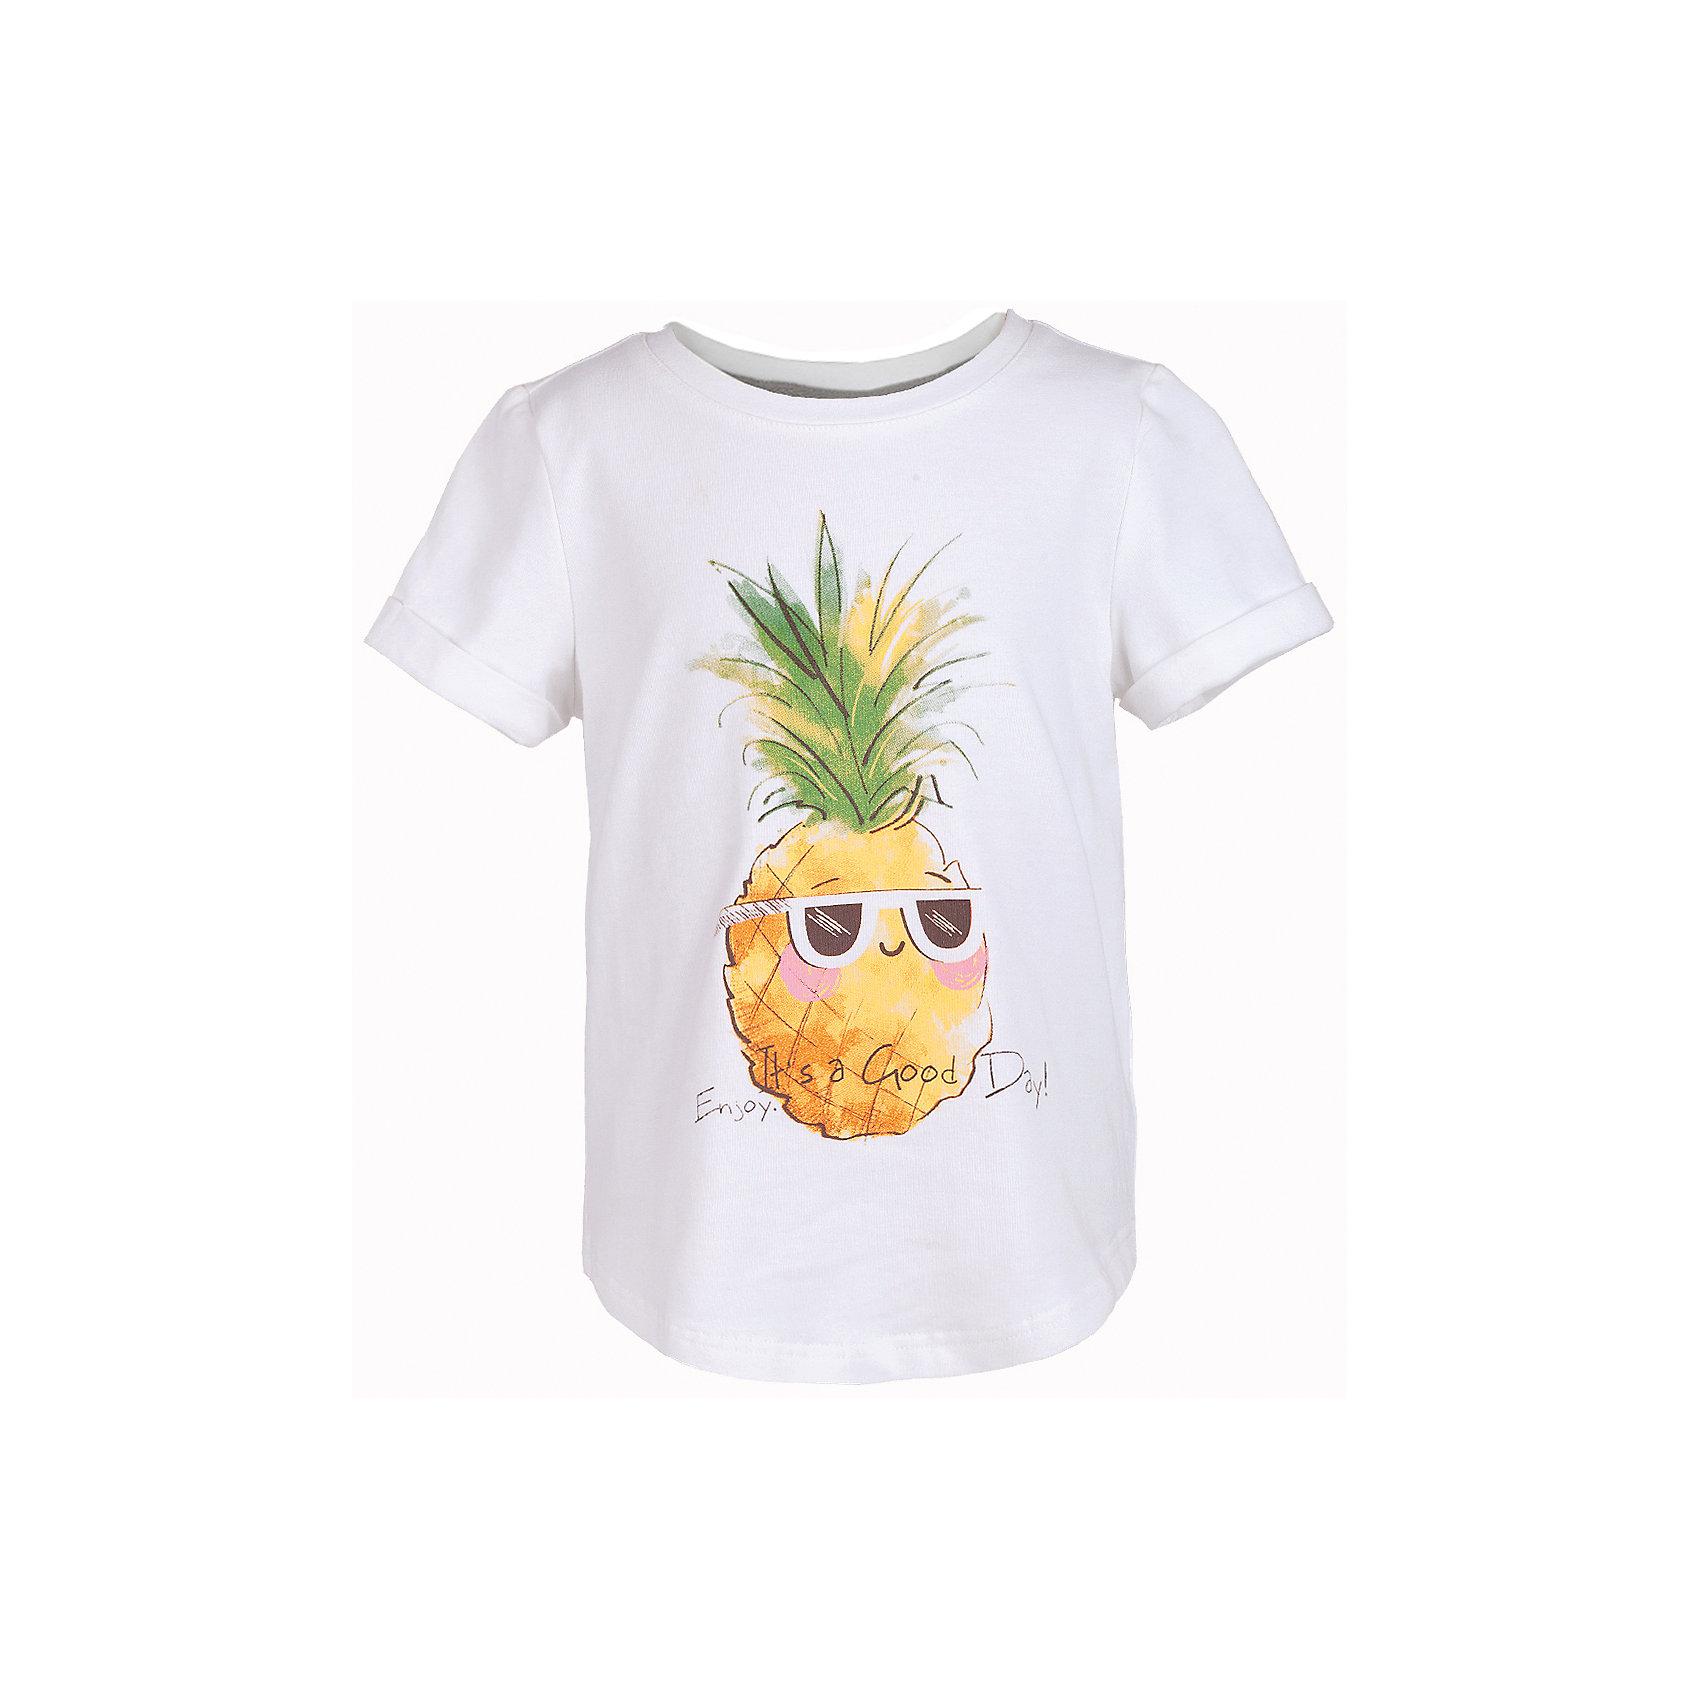 Футболка для девочки  BUTTON BLUEФутболки, поло и топы<br>Футболка для девочки  BUTTON BLUE<br>Белая футболка - не только базовая вещь в гардеробе ребенка, но и залог хорошего летнего настроения! Если вы решили купить недорогую белую футболку для девочки, выберете модель футболки с оригинальным принтом, и ваш ребенок будет доволен! Низкая цена не окажет влияния на бюджет семьи, позволив создать яркий базовый гардероб для долгожданных каникул!<br>Состав:<br>95% хлопок 5% эластан<br><br>Ширина мм: 199<br>Глубина мм: 10<br>Высота мм: 161<br>Вес г: 151<br>Цвет: белый<br>Возраст от месяцев: 108<br>Возраст до месяцев: 120<br>Пол: Женский<br>Возраст: Детский<br>Размер: 140,134,116,110,98,158,152,146<br>SKU: 5524923